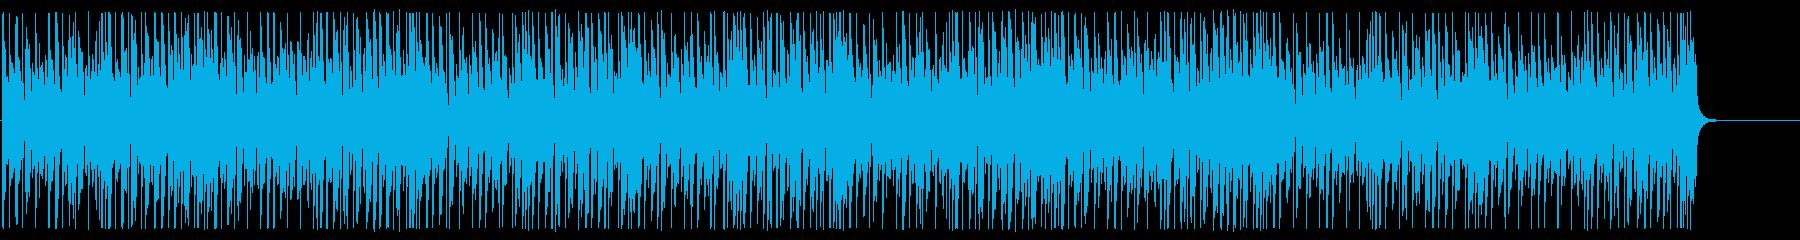 ポップ かわいい ほのぼの イメージの再生済みの波形